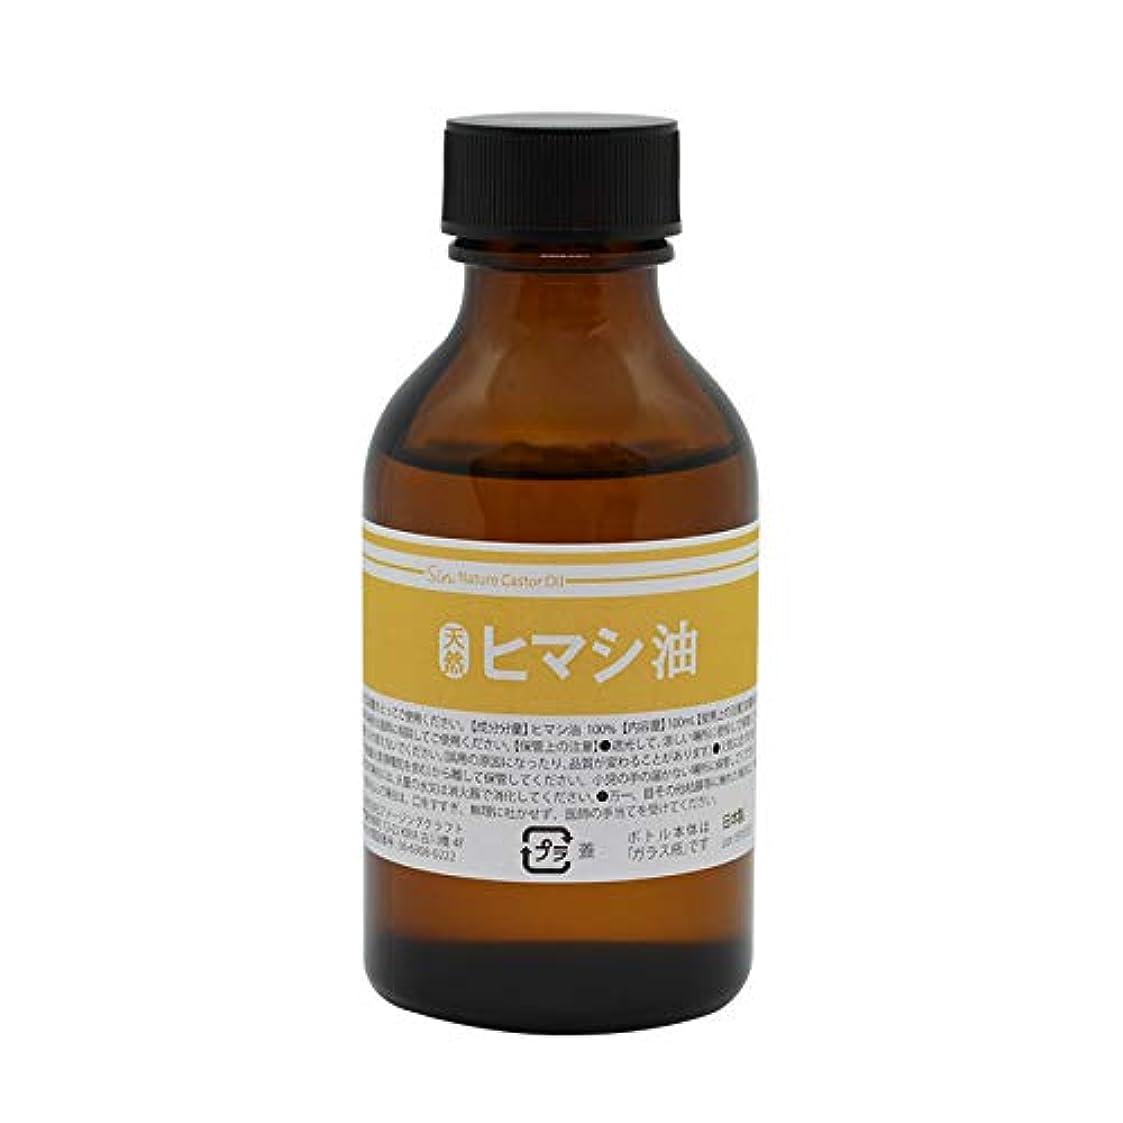 ソース辞任するデッキ天然無添加 国内精製ひまし油 (キャスターオイル) 100ml